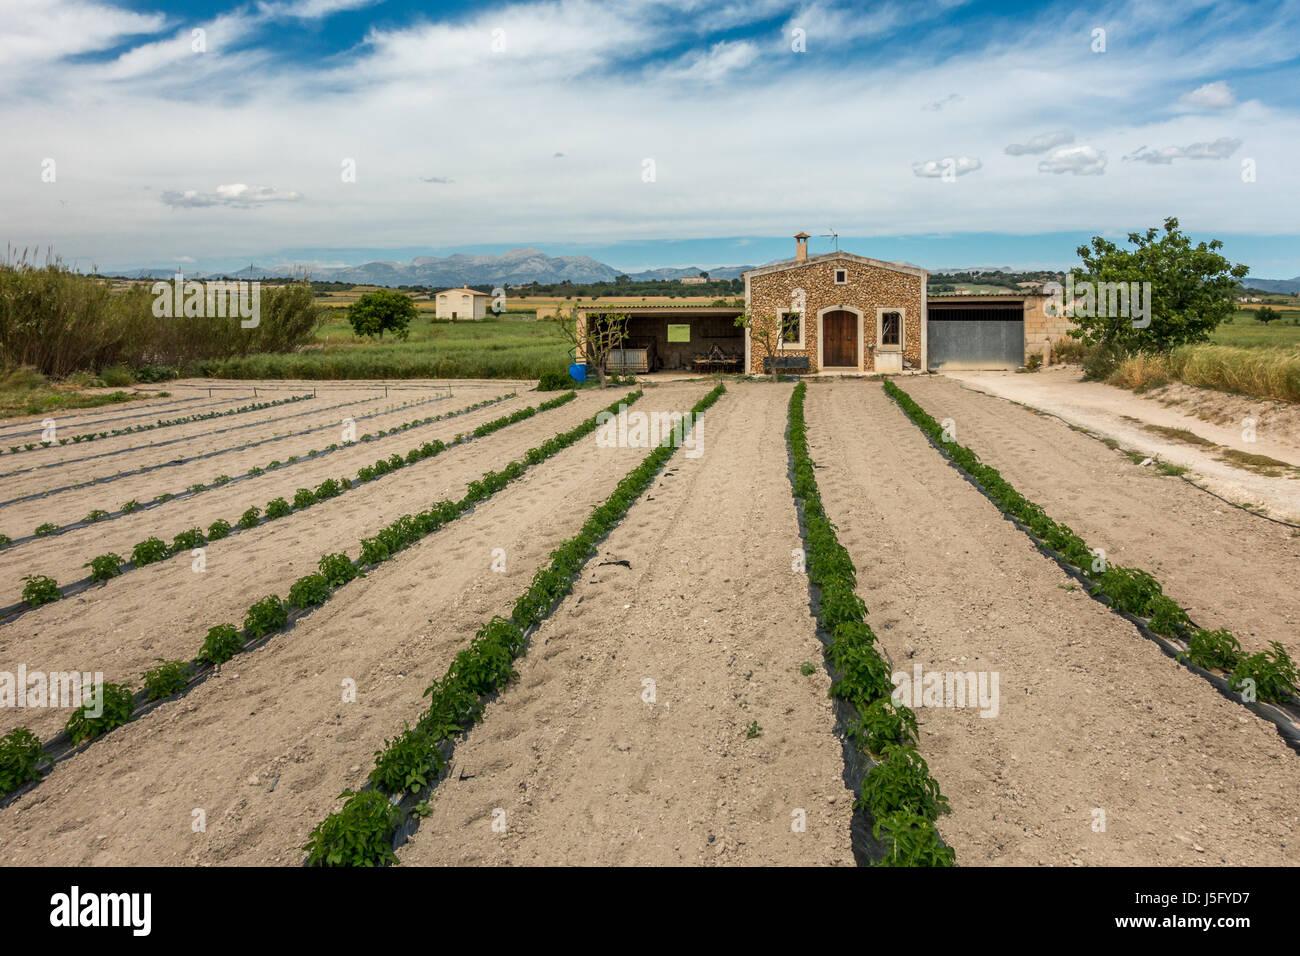 Anbau von Pflanzen in Linien auf einem Bauernhof im Norden Mallorcas Landschaft, Mallorca, Balearen, Spanien Stockbild